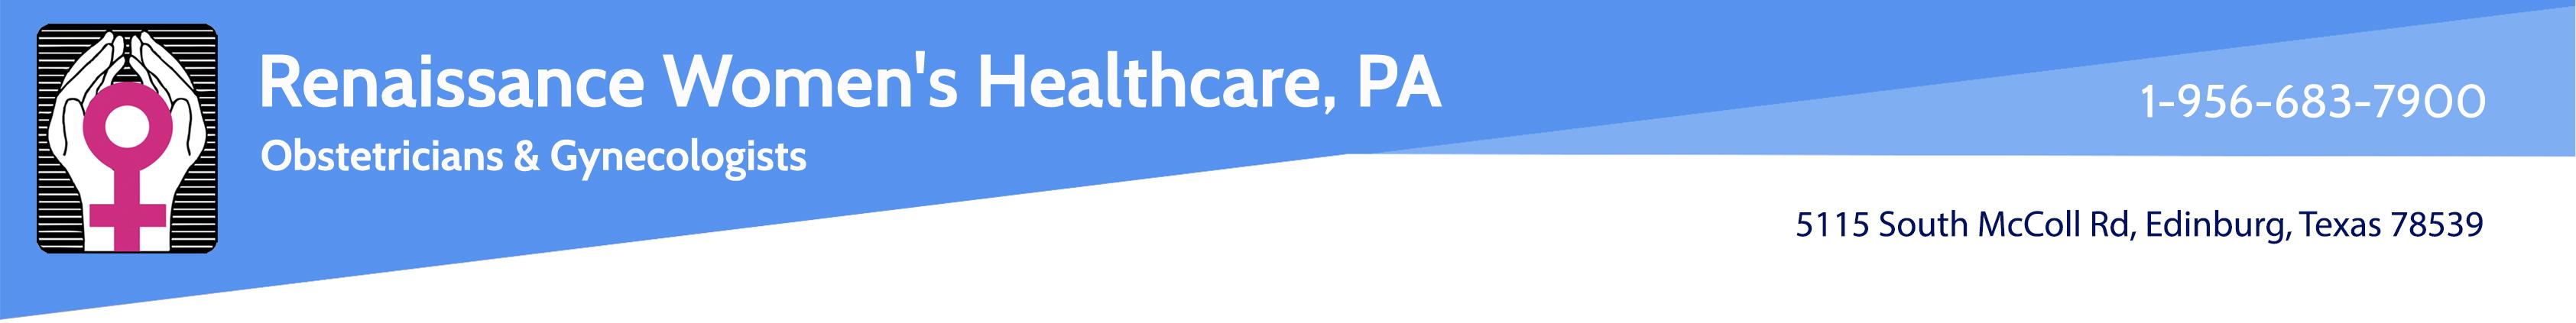 Renaissance Women's Healthcare, PA